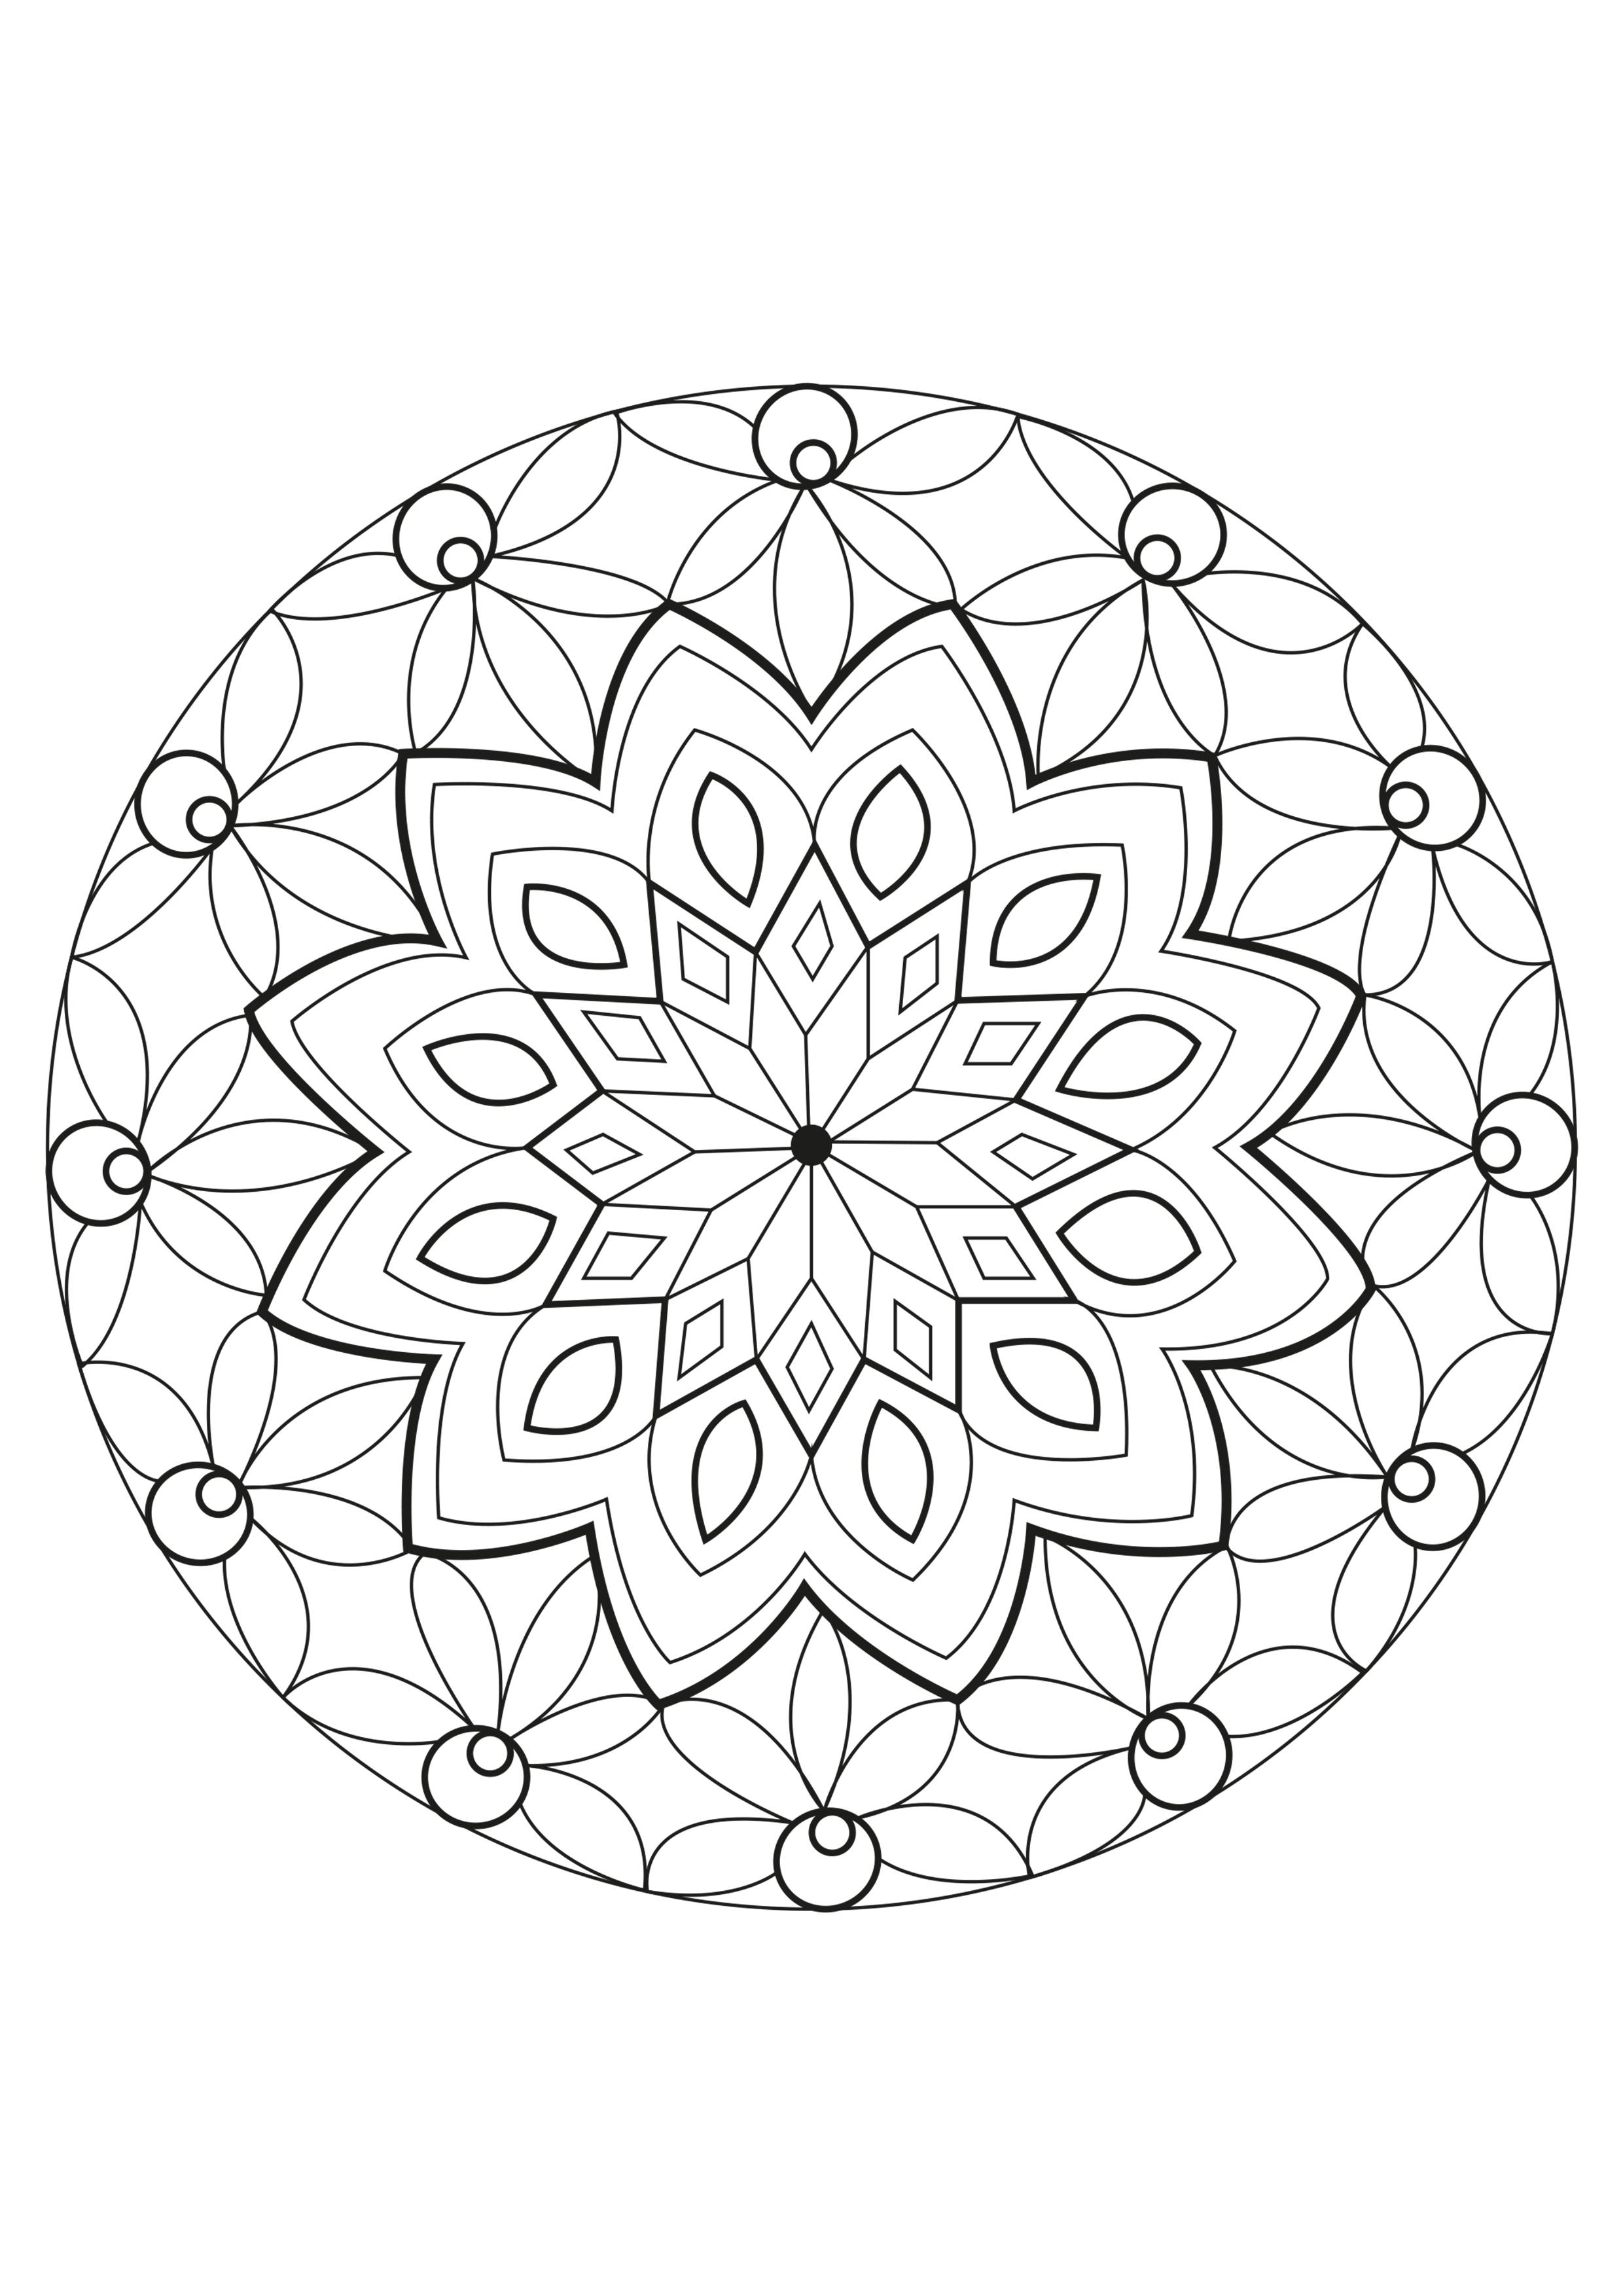 Imagenes Mandala Para Colorear (68) - Orientación Andújar serapportantà Coloriage Mandala